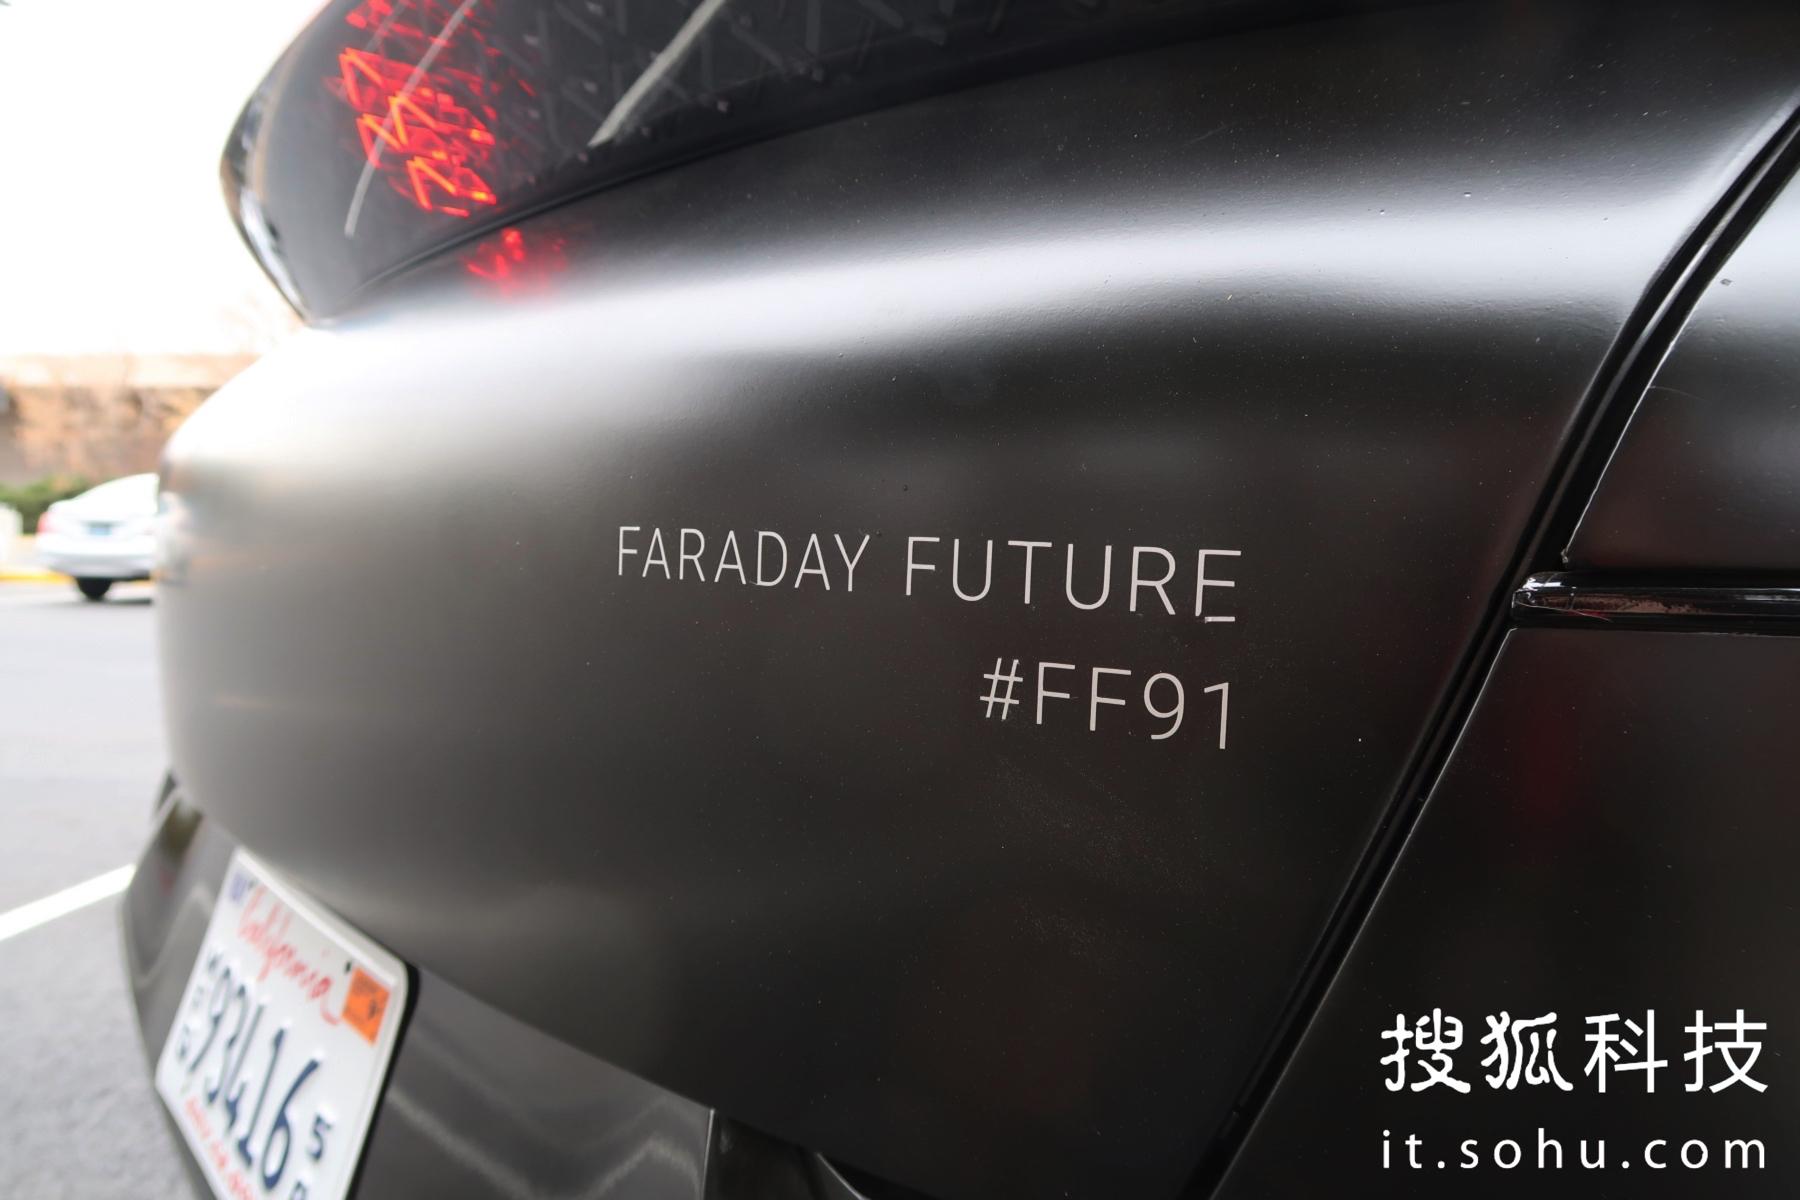 贾跃亭试乘FF 91:外观成型动力十足 但量产才能证明自己的照片 - 8